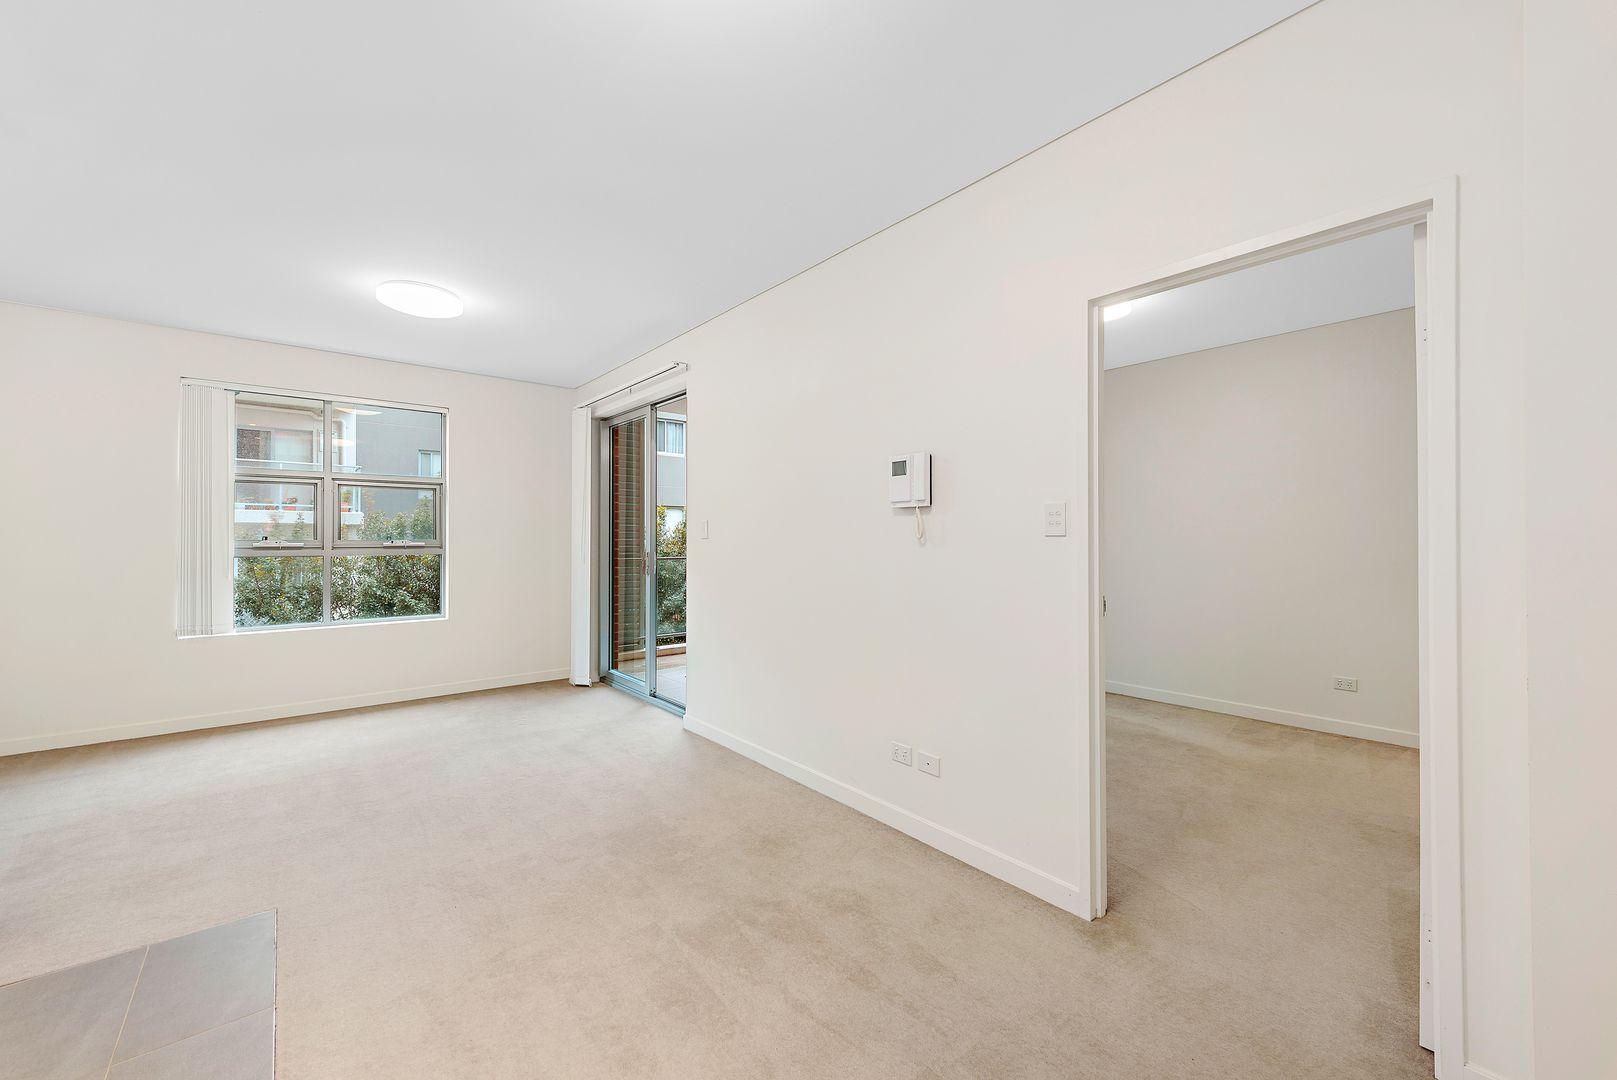 13/31 Mindarie Street, Lane Cove NSW 2066, Image 2